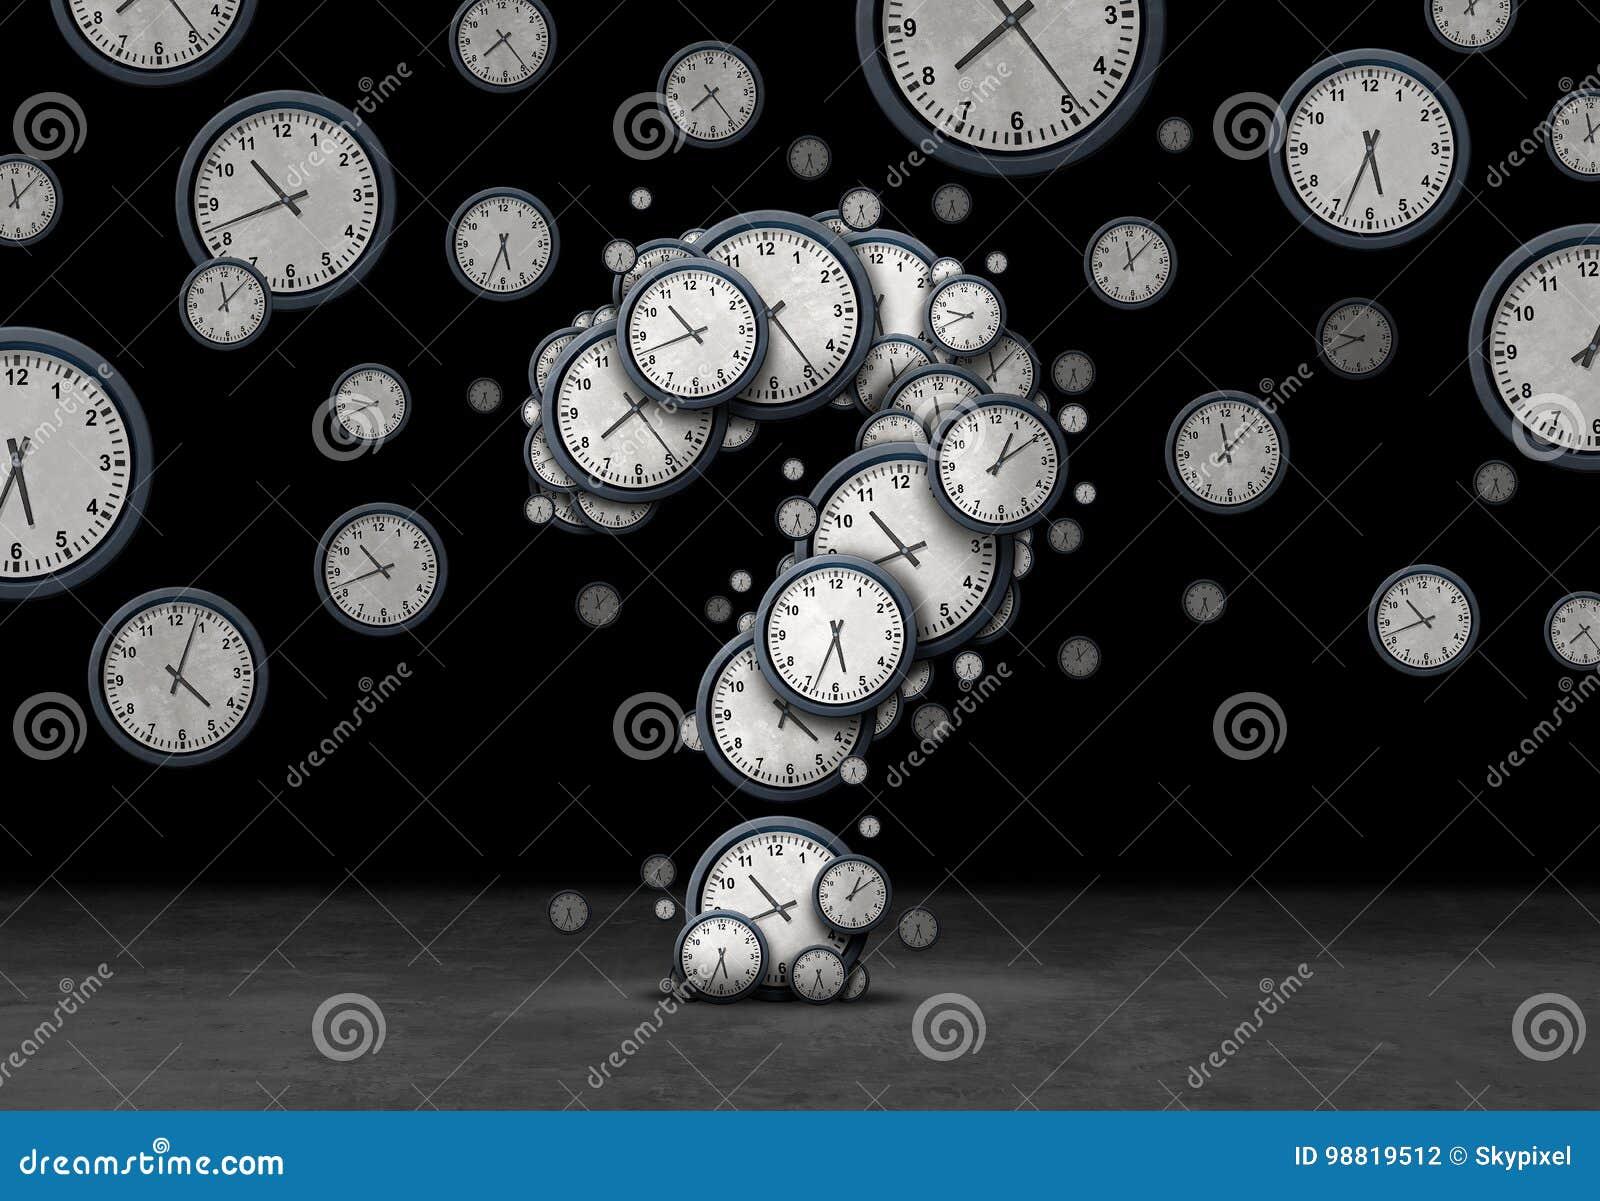 Question Time Concept